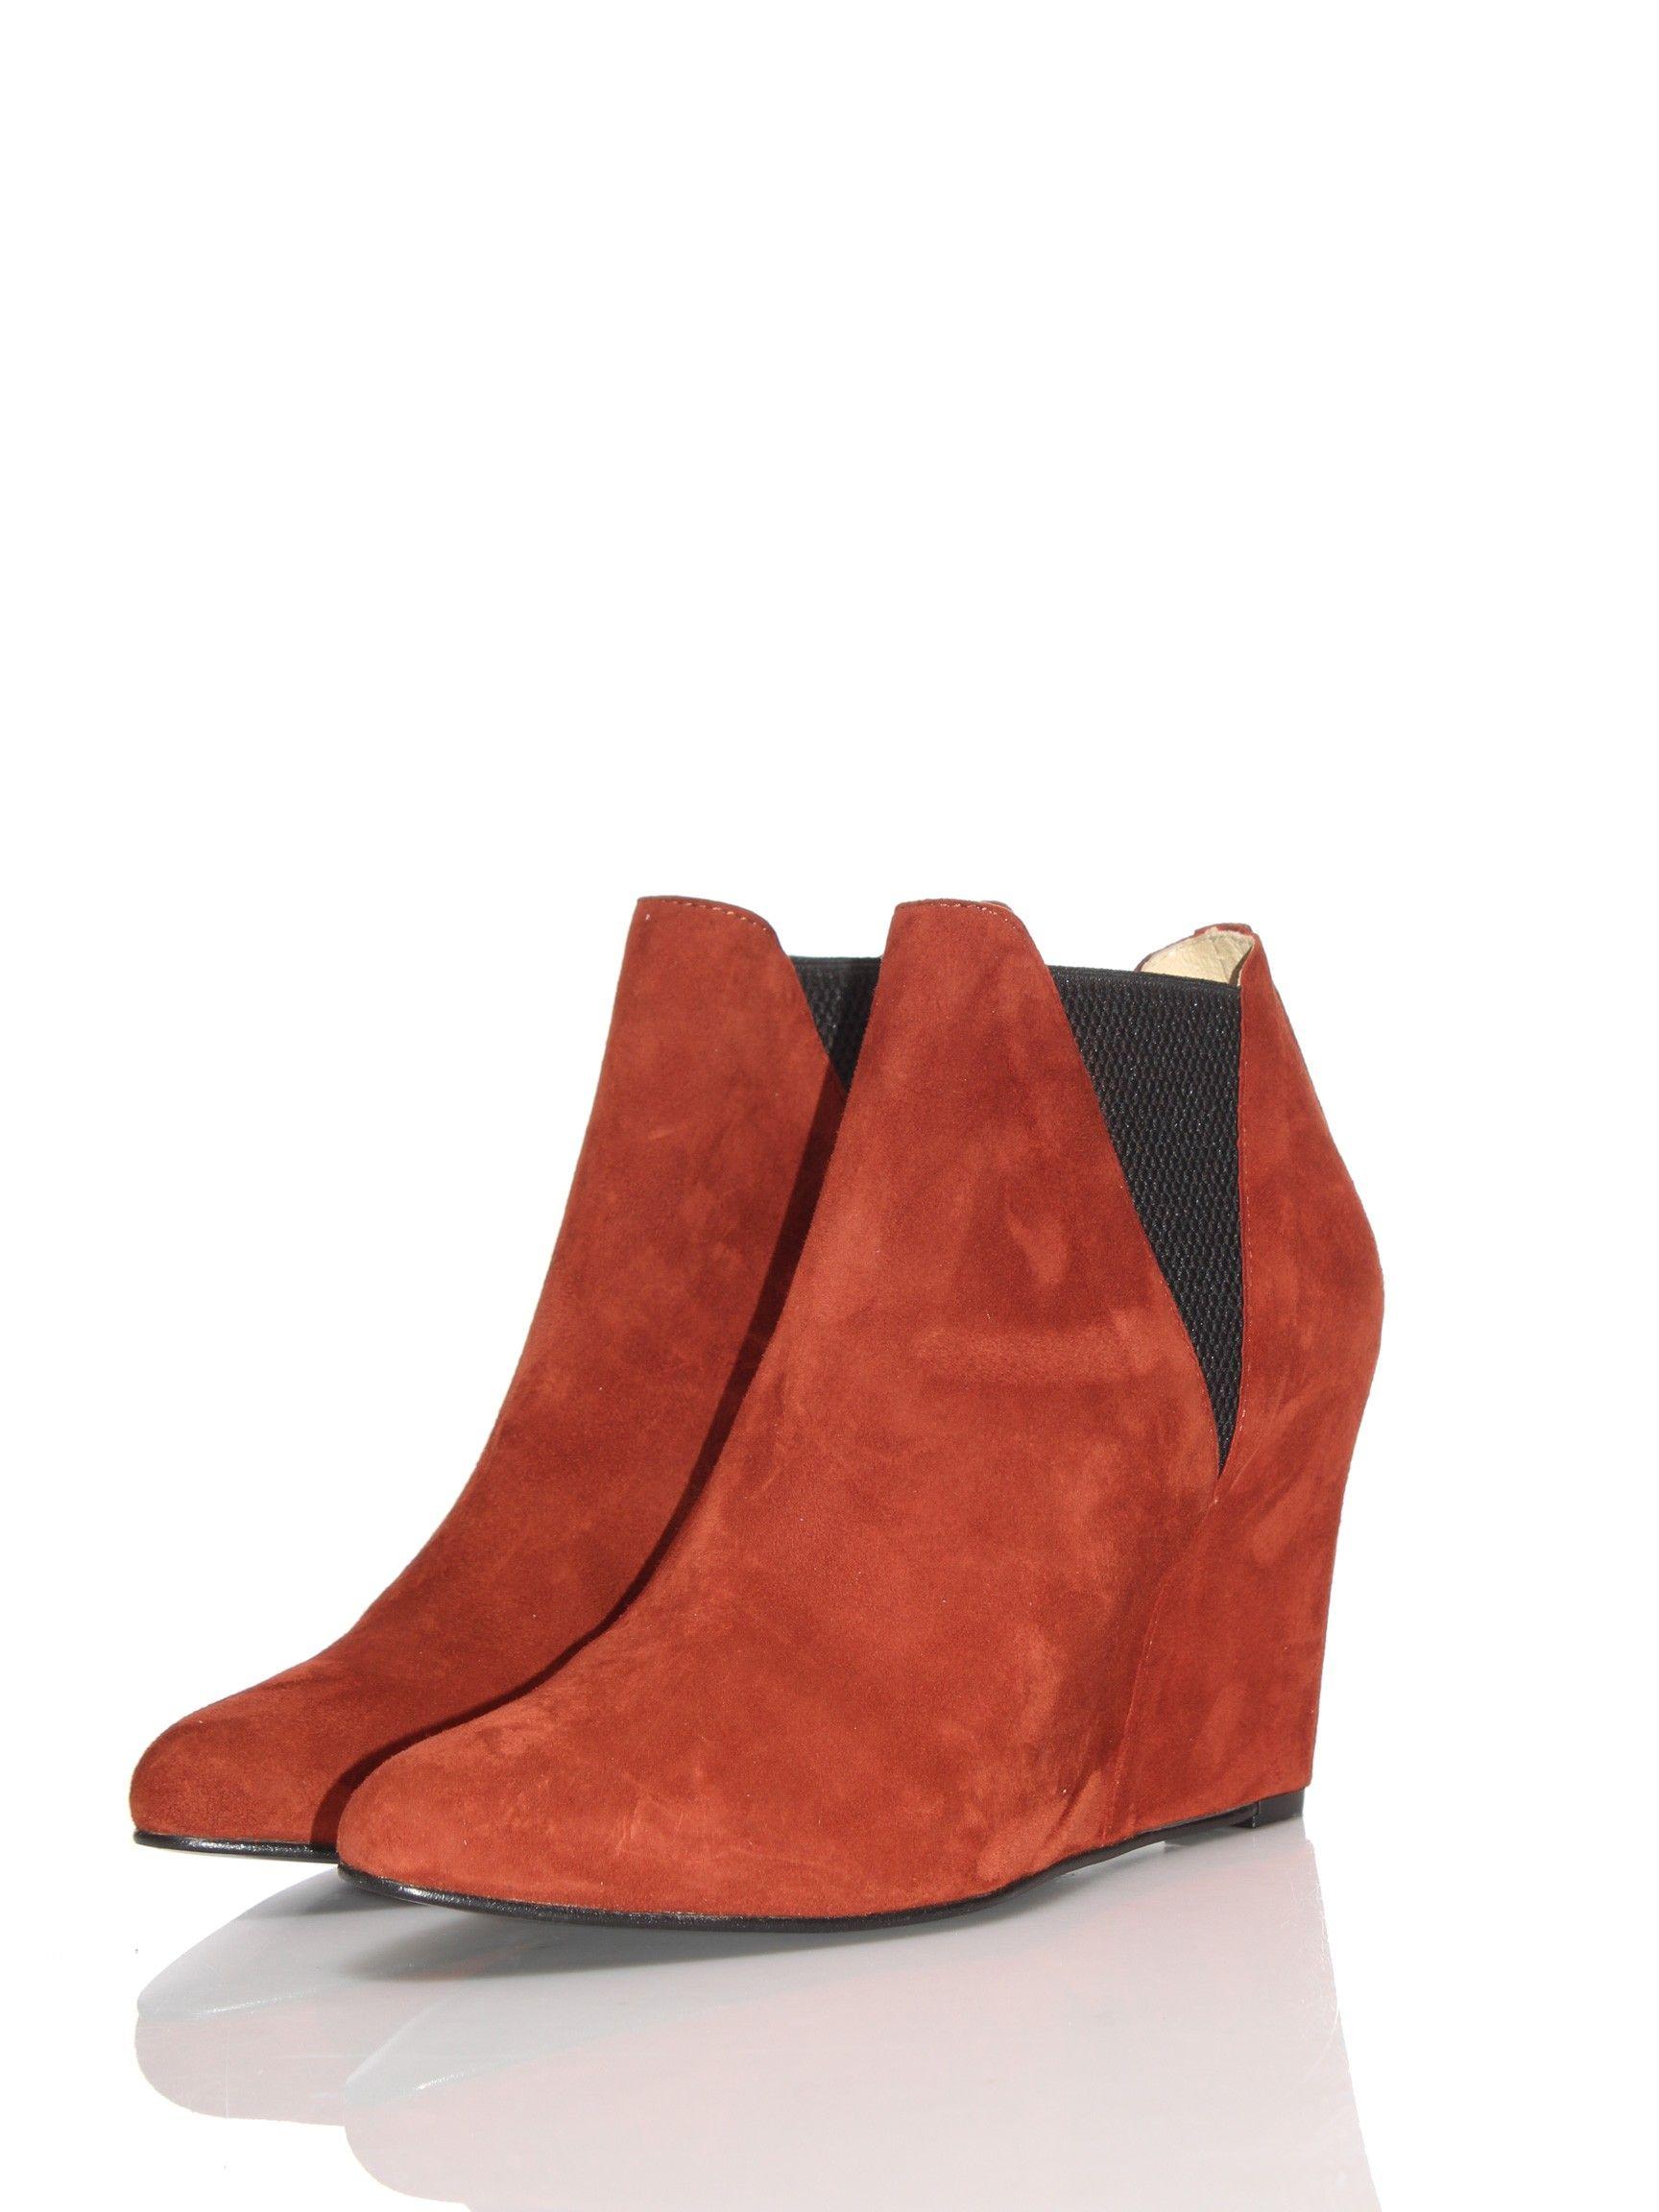 Chaussures Choizz Pour L'hiver Avec Le Nez Rond Pour Les Femmes 3pMeqQ